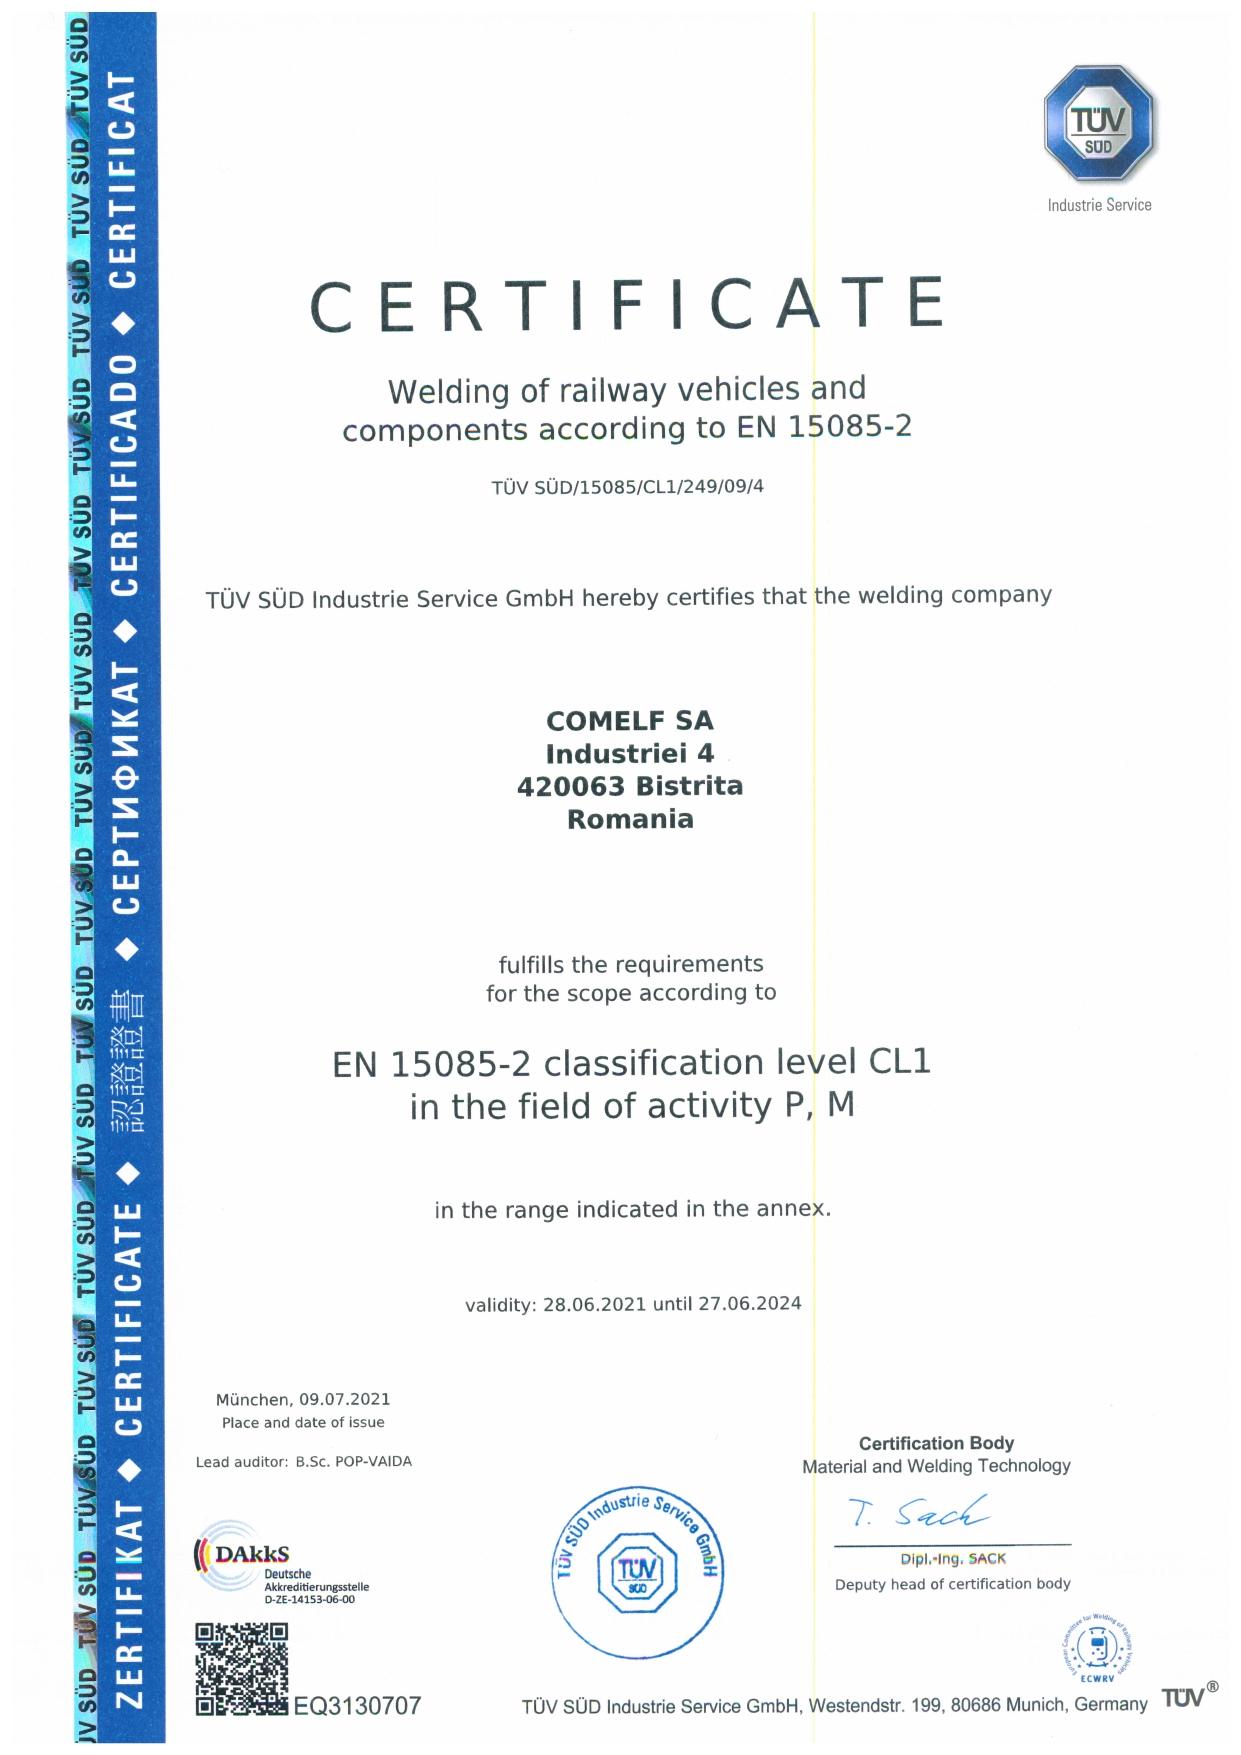 CERTIFICAT ISO 9001-ISO 14001-ISO 45001